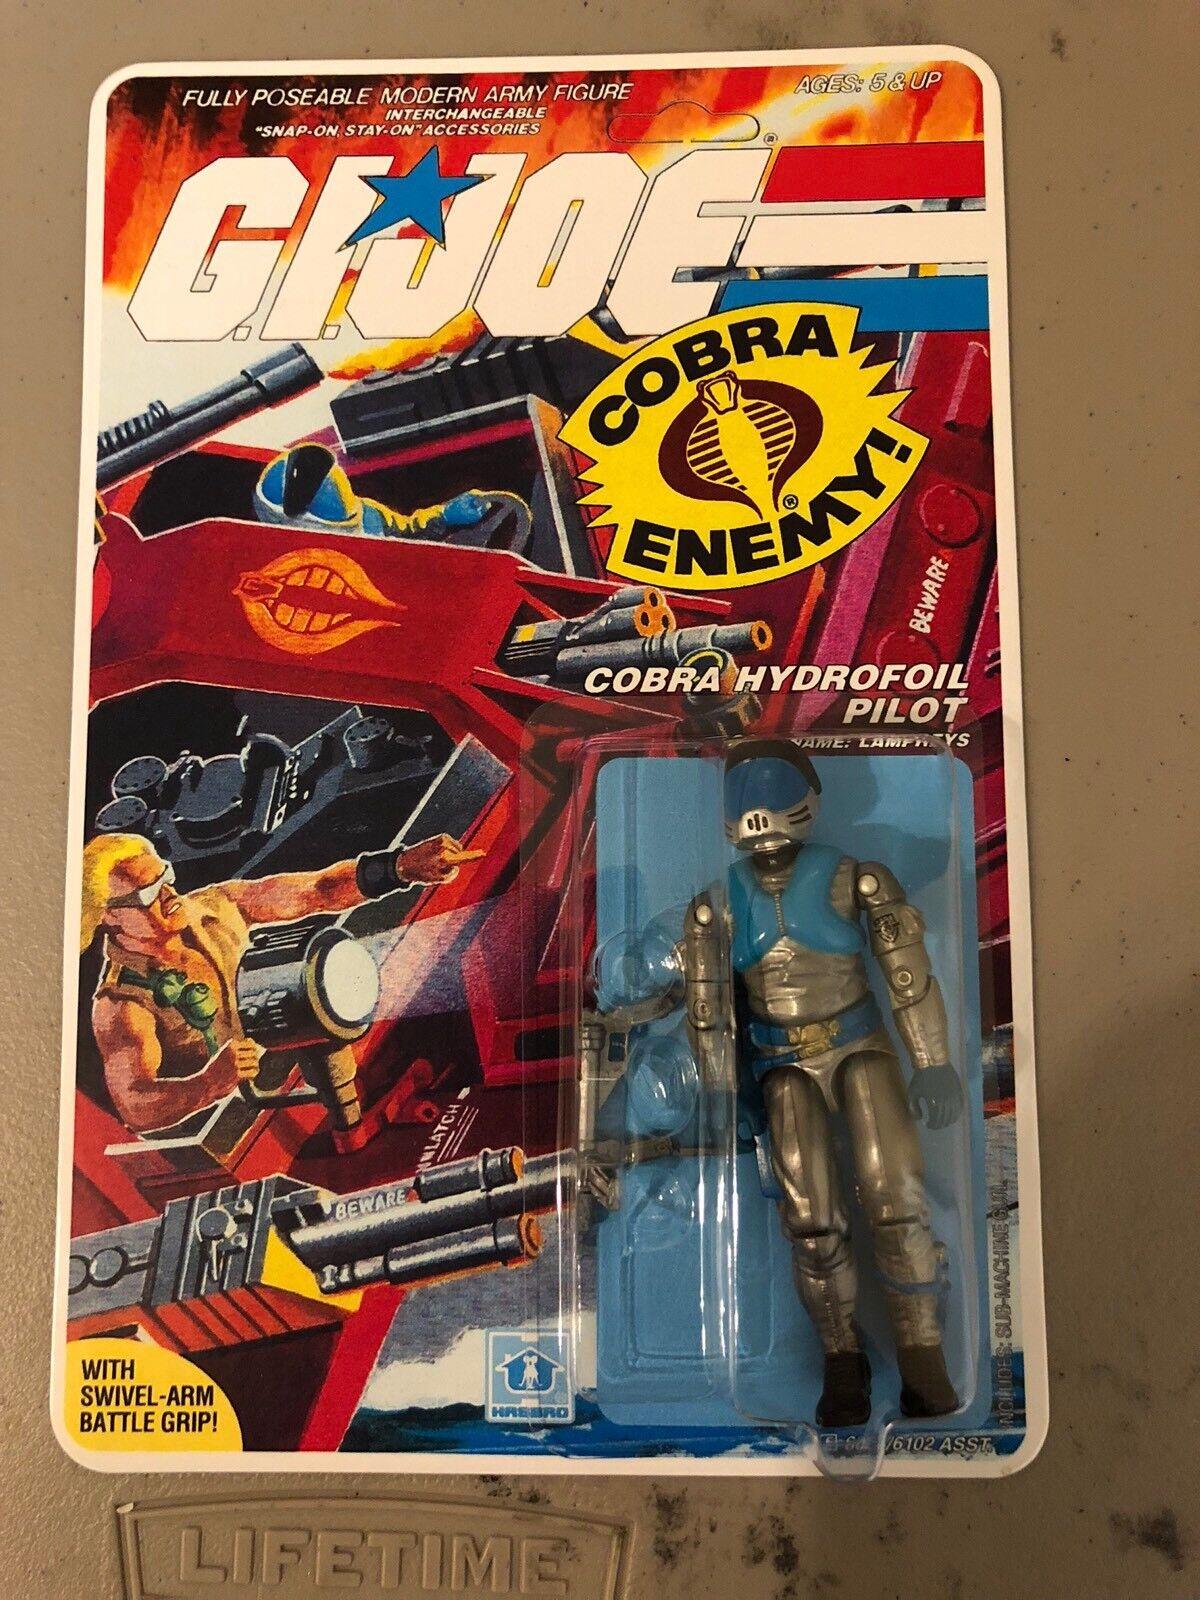 Gi Joe Cobra 1985 Personalizado lampreas Moc [34 atrás] ENLOMADOR, Repro vuelva a cerrarla, Menta